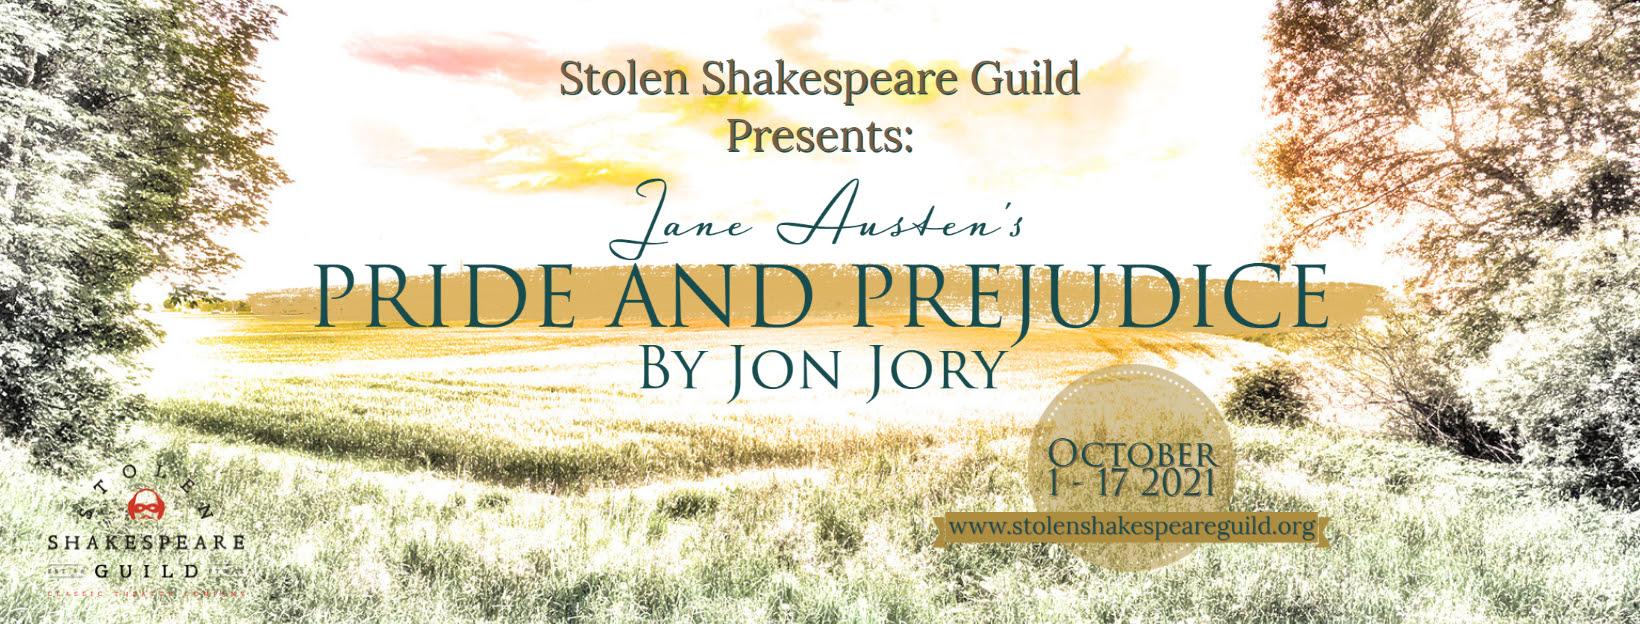 Pride & Prejudice, Stolen Shakespeare Guild